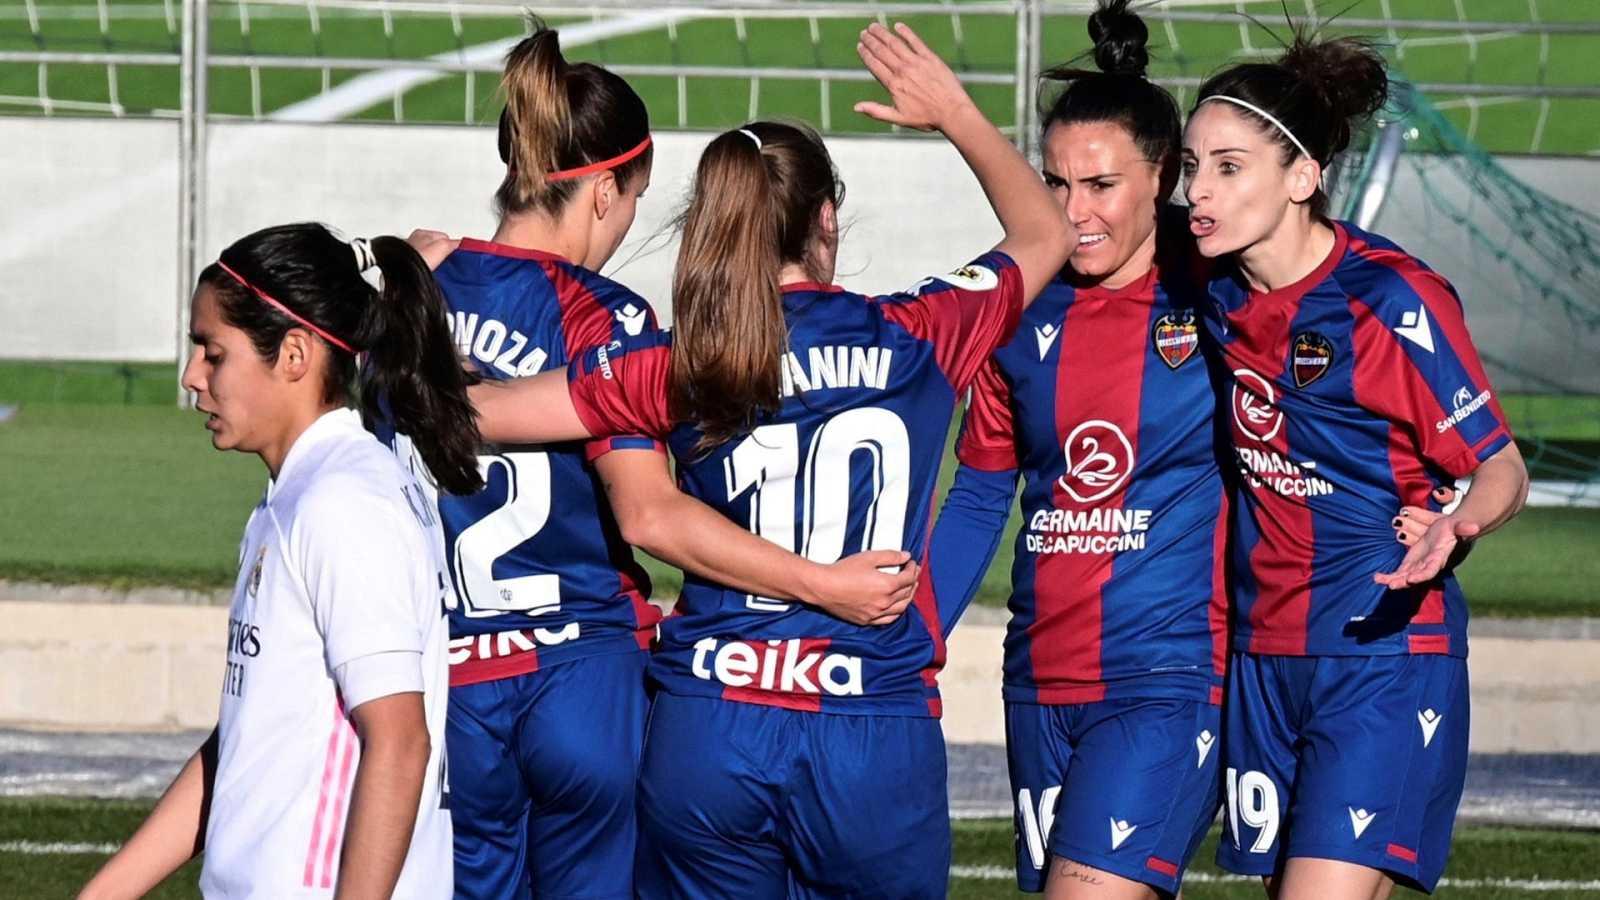 El Levante gana en Valdebebas y da un golpe importante en la lucha por la segunda posición